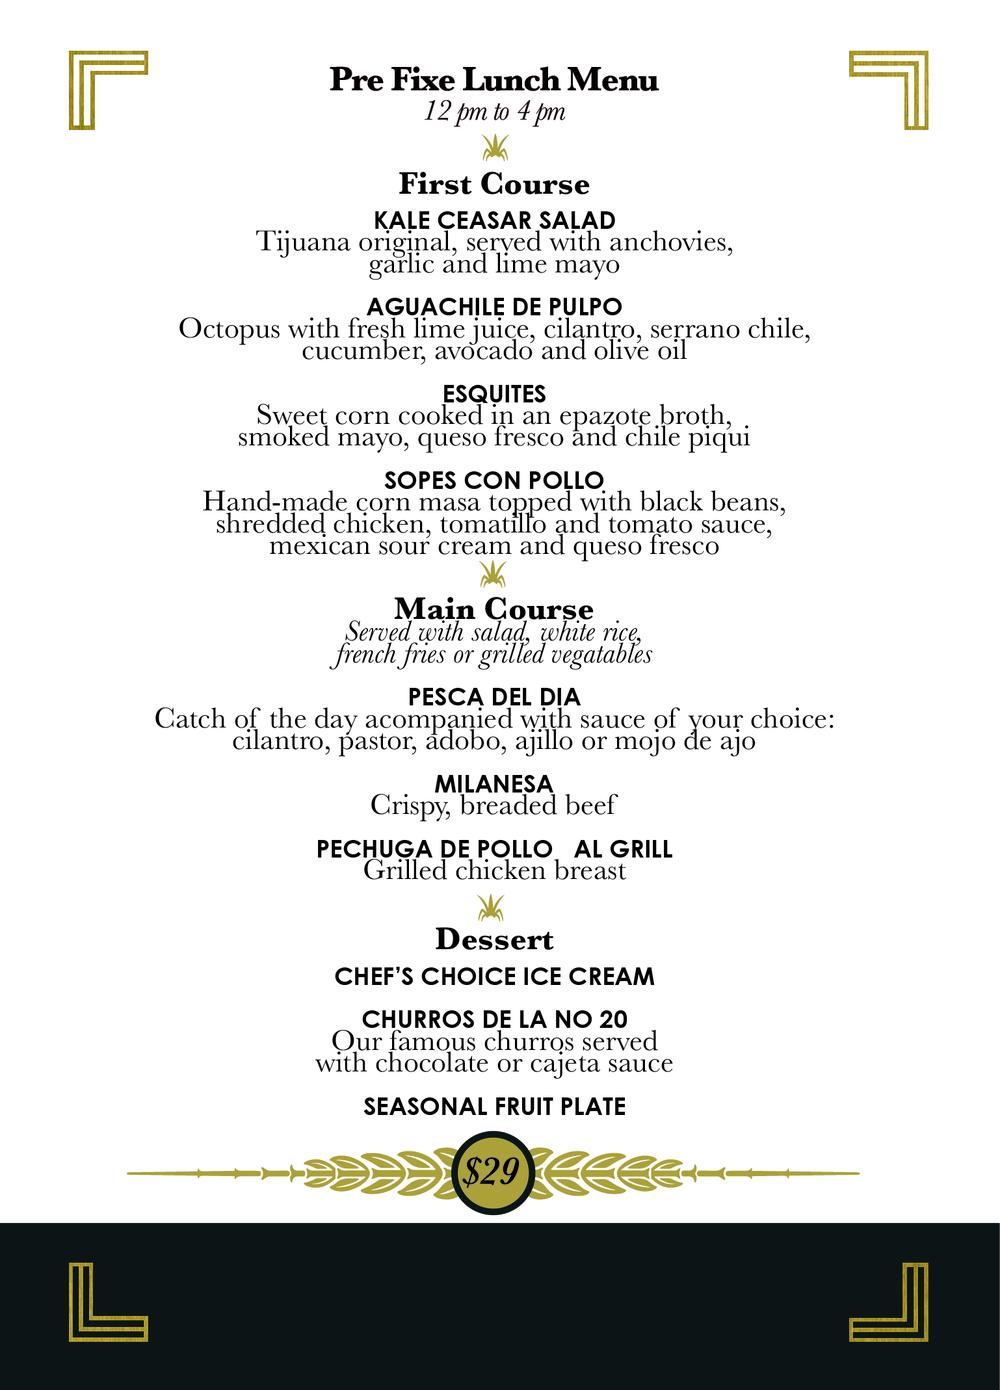 la-veinte-pre-fixe-menu